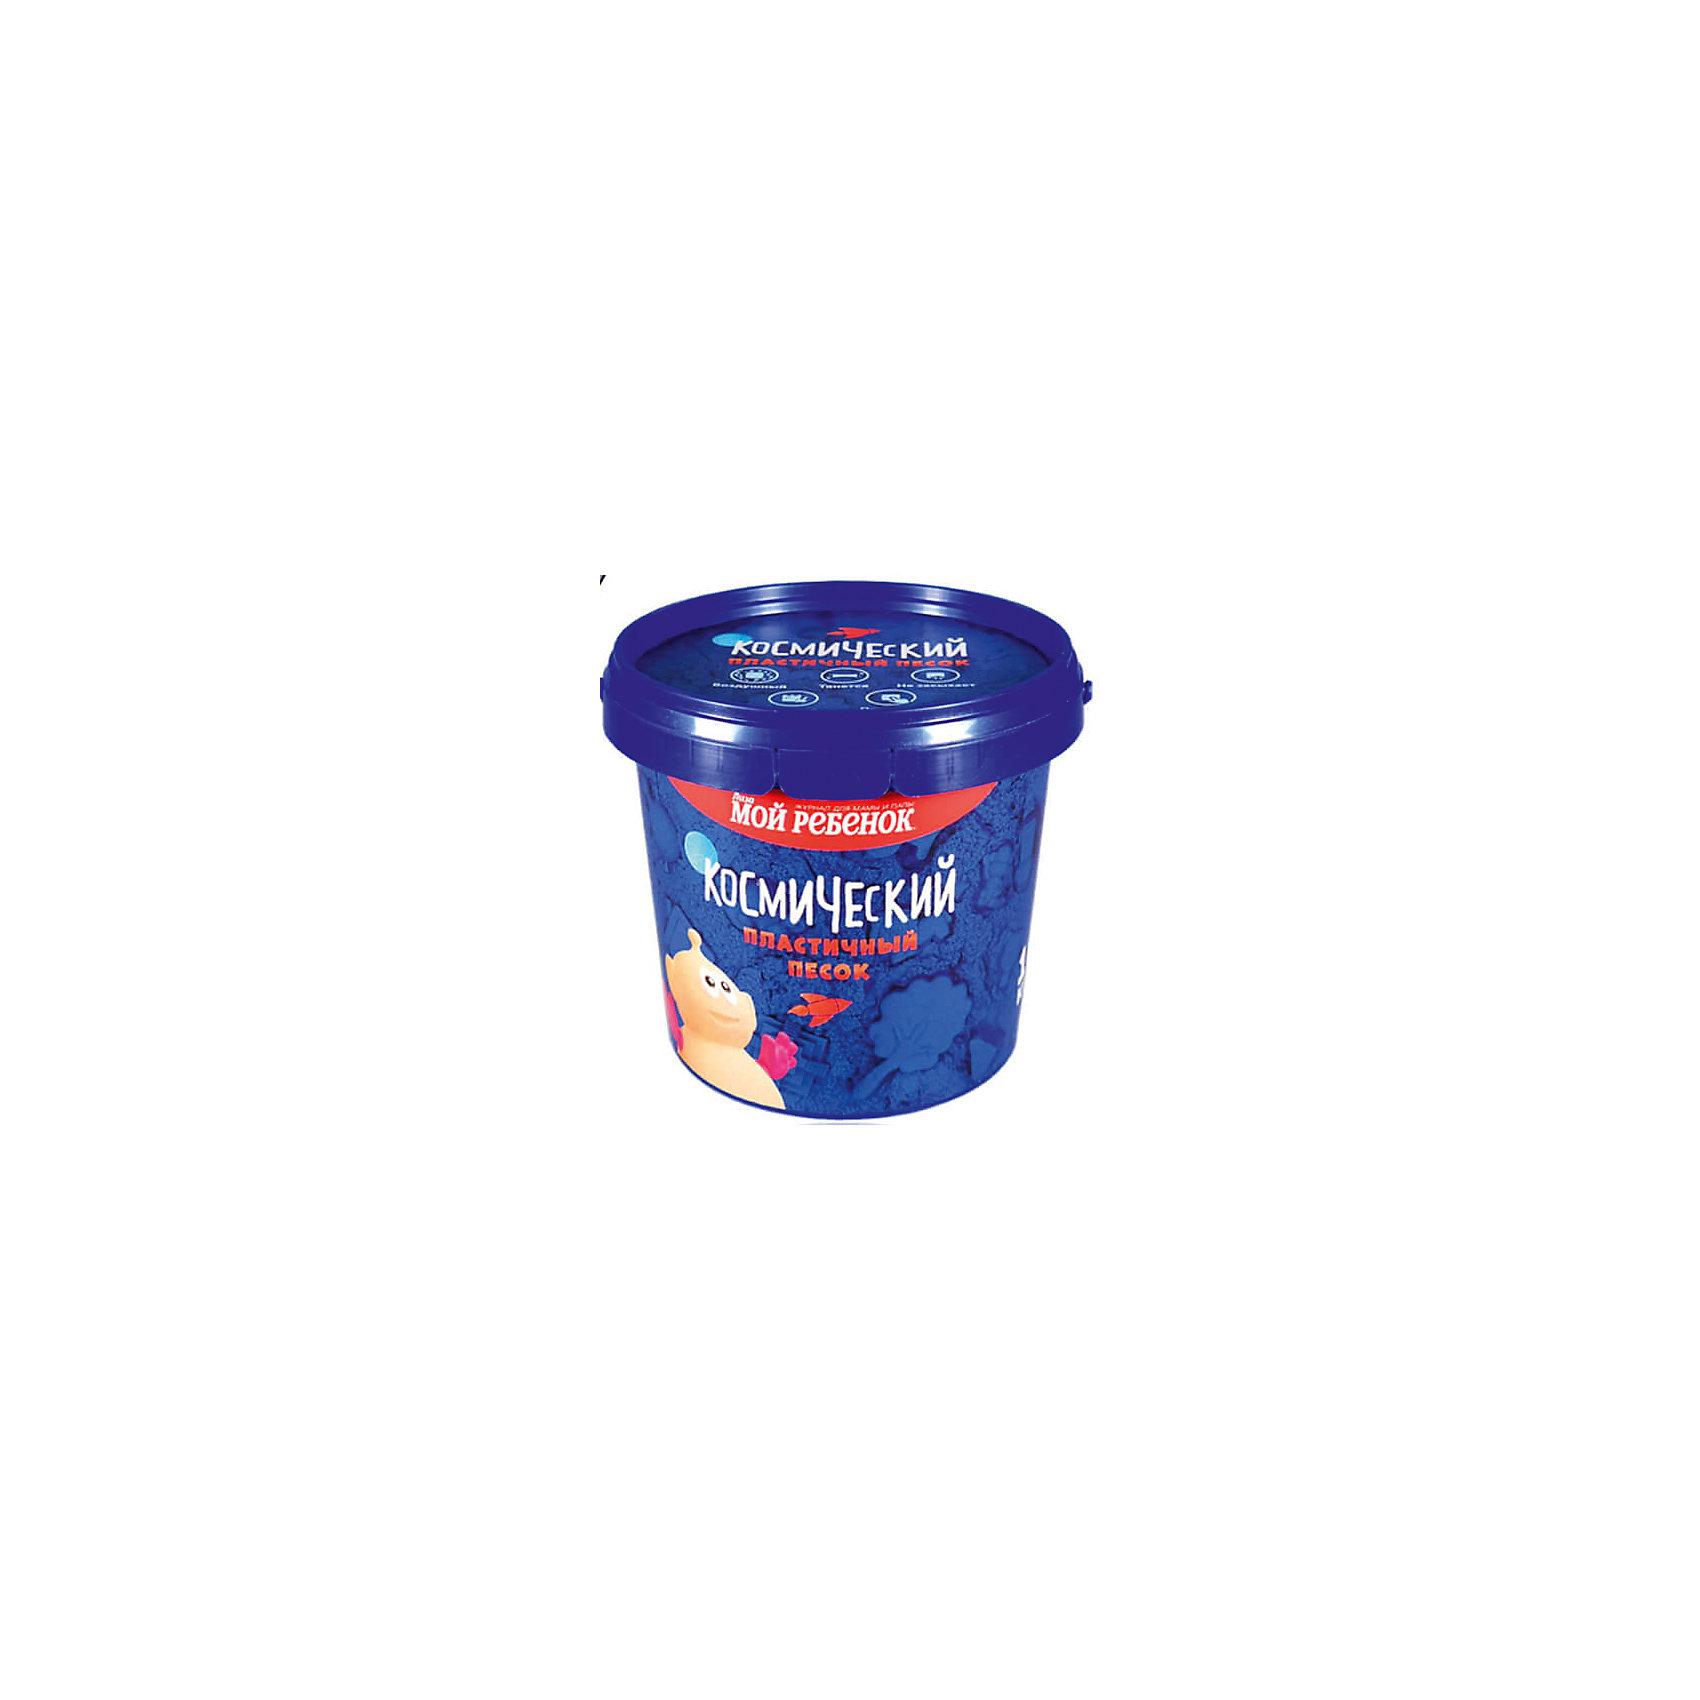 Космический песок голубой с ароматом черники, 1 кгХарактеристики товара:<br><br>• цвет: сиреневый<br>• размер упаковки: 11 x 11 x 13 см<br>• вес: 1100 г<br>• комплектация: 1 кг кинетического песка<br>• песок с запахом черники <br>• подходит для игр дома<br>• возраст: от двух лет<br>• упаковка: банка<br>• страна бренда: РФ<br>• страна изготовитель: РФ<br><br>Этот кинетический песок станет отличным подарком ребенку - ведь с помощью него можно создавать фигуры легко и весело! В этой банке находится целый килограмм песка. Он легко принимает нужную форму и так же легко распадается на песчинки. Играть можно бесконечно! Песок легко собирается, не красится и оставляет пятен на одежде.<br>Детям очень нравится что-то делать своими руками. Кроме того, творчество помогает детям развивать важные навыки и способности, оно активизирует мышление, формирует усидчивость, творческие способности, мелкую моторику и воображение. Изделие производится из качественных и проверенных материалов, которые безопасны для детей.<br><br>Кинетический песок Голубой, С ароматом черники, 1 кг от бренда Космический песок можно купить в нашем интернет-магазине.<br><br>Ширина мм: 110<br>Глубина мм: 110<br>Высота мм: 130<br>Вес г: 1100<br>Возраст от месяцев: 36<br>Возраст до месяцев: 84<br>Пол: Унисекс<br>Возраст: Детский<br>SKU: 5168937